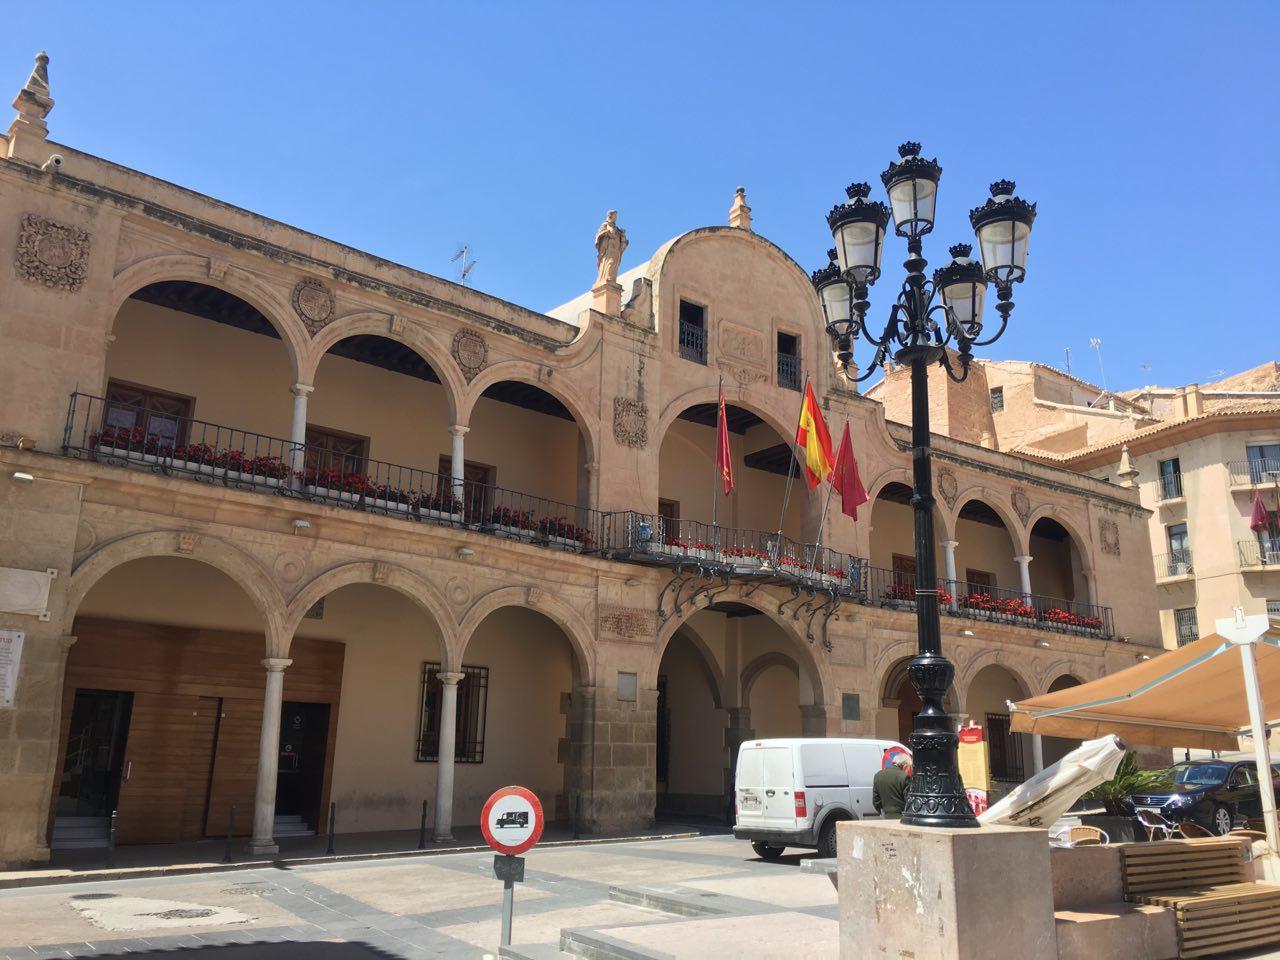 Podemos pide una auditoría de la gestión económica del Ayuntamiento de la última década